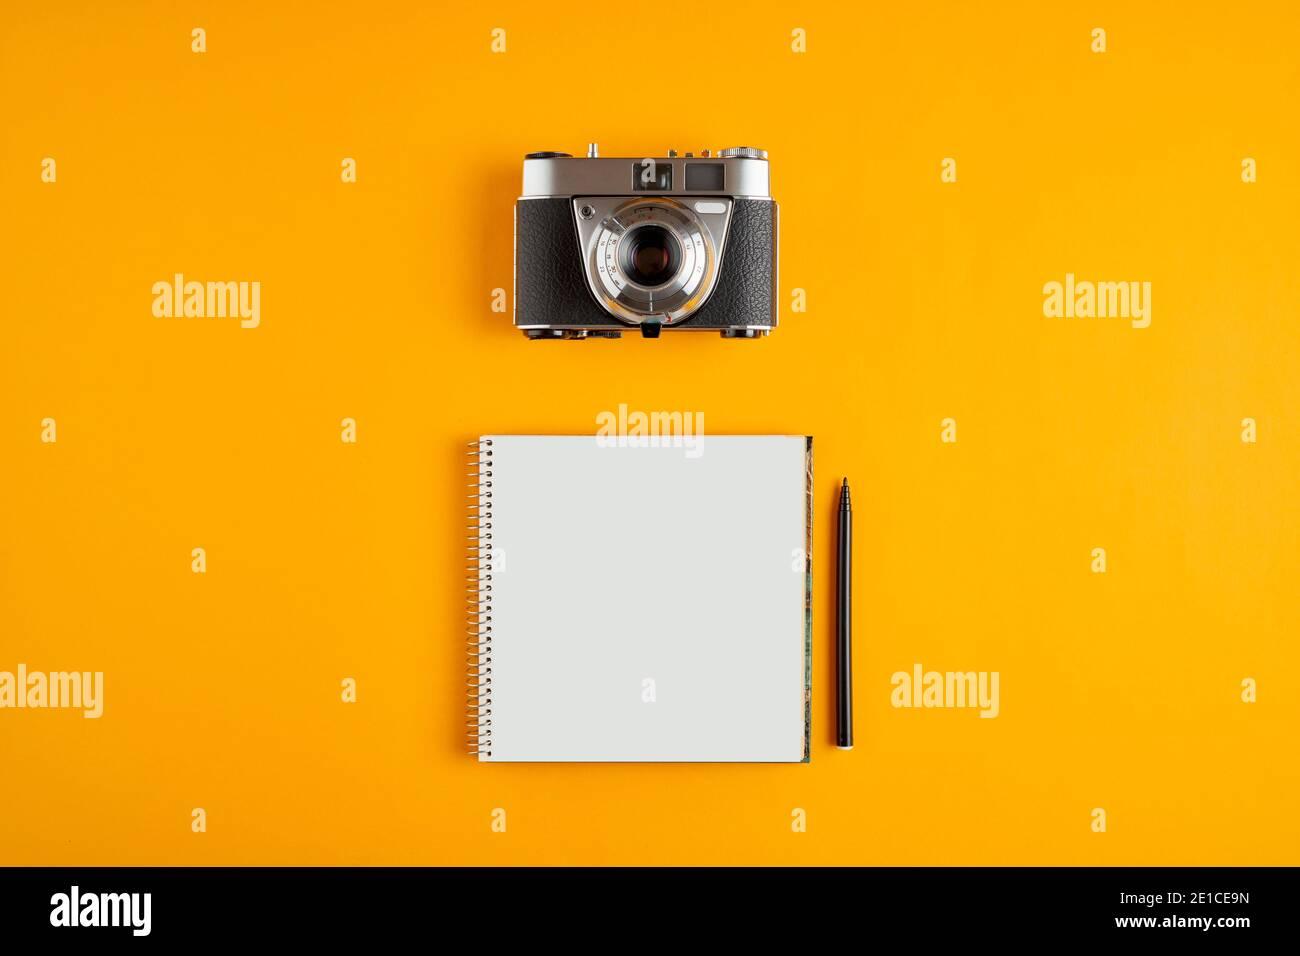 Fotocamera analogica d'epoca con un notebook vuoto a spirale su sfondo giallo con spazio per la copia. Foto Stock